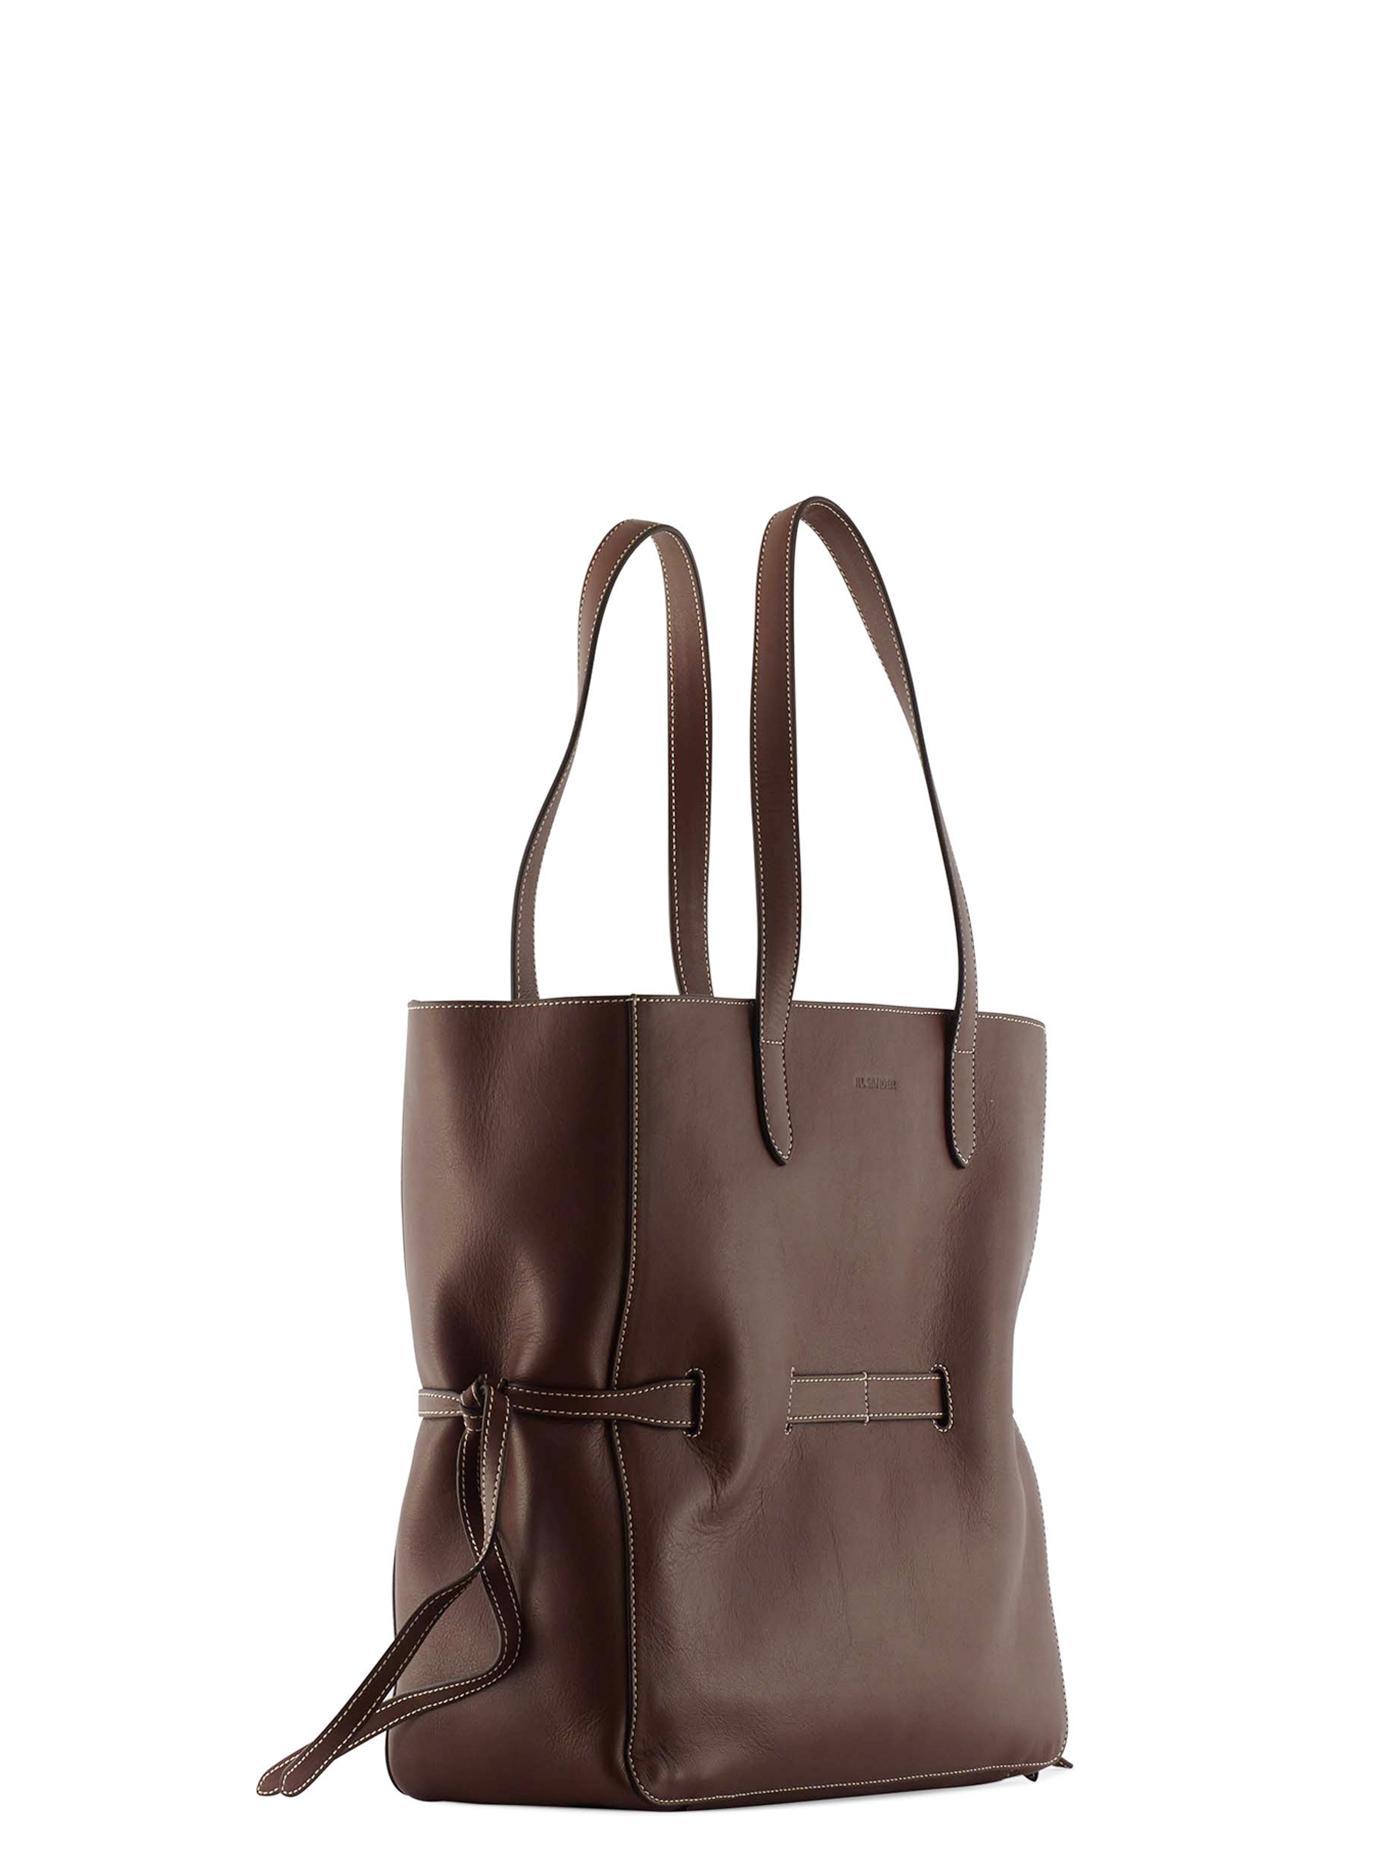 Jil sander Leather Tote in Brown